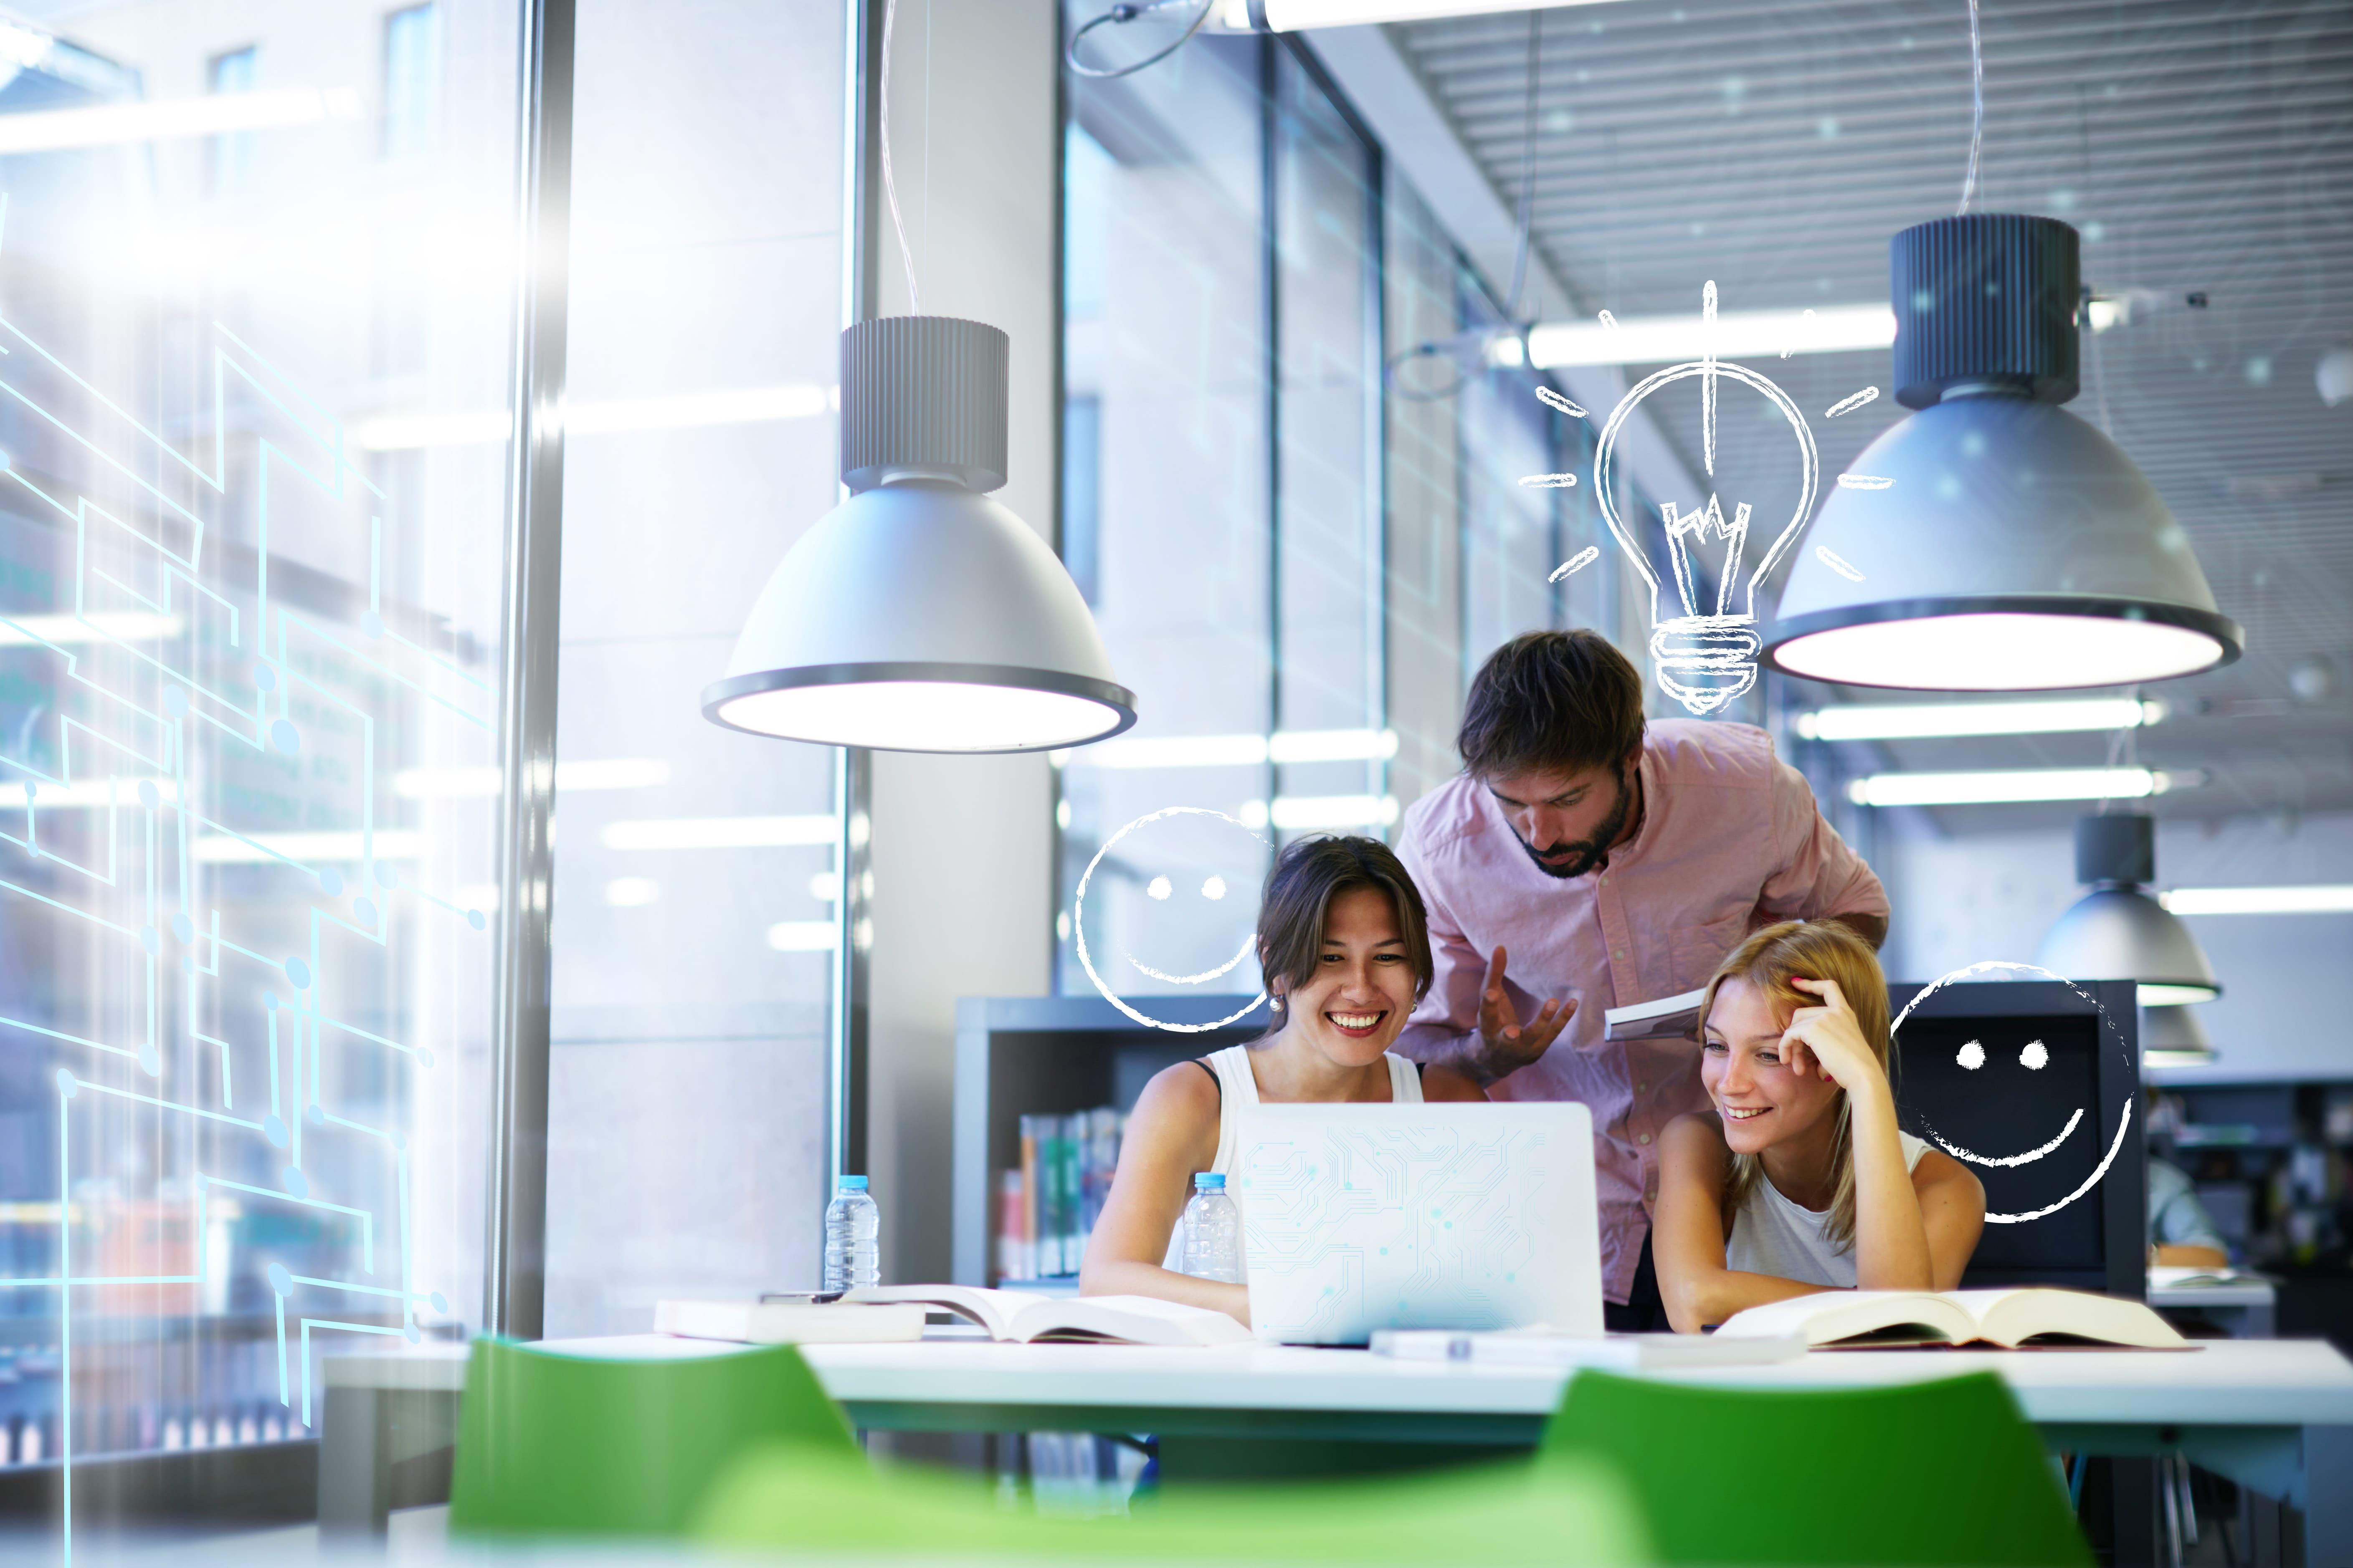 Imagem de um time de marketing para remeter ao empreendedor que deseja melhorar a produtividade da equipe de marketing